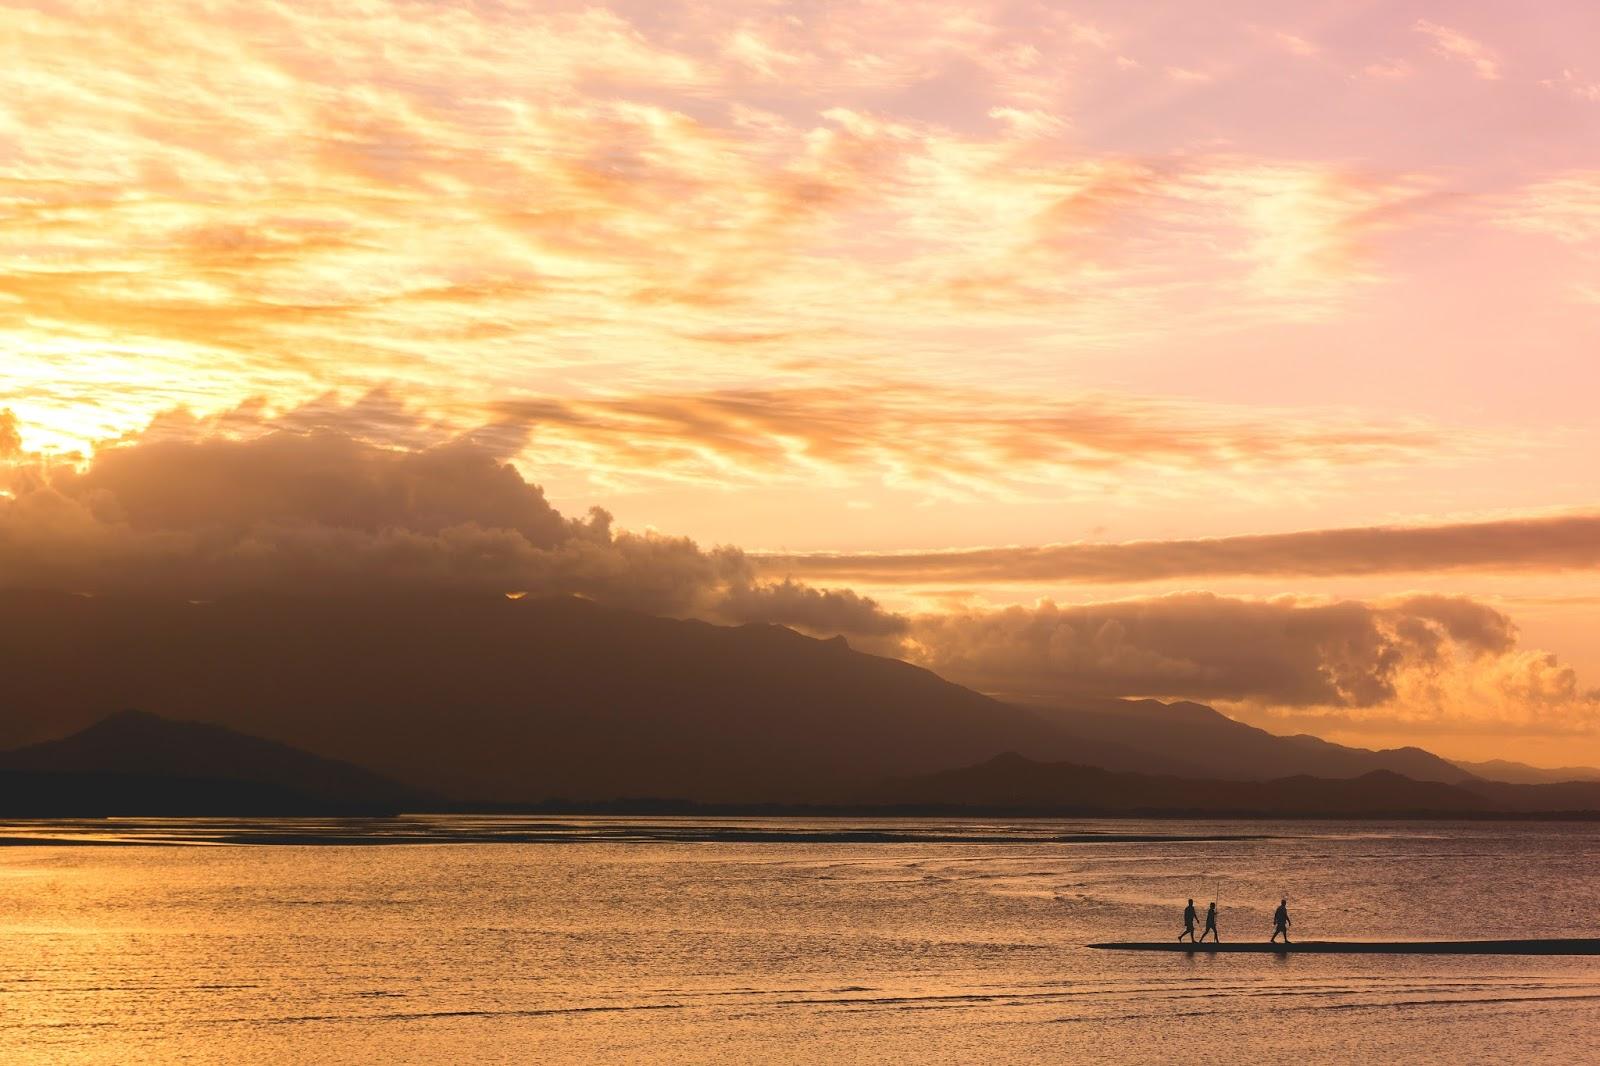 Kumpulan Foto Foto Pemandangan Alam Yang Bagus Di Jadikan Wallpaper Pc Laptop Hp